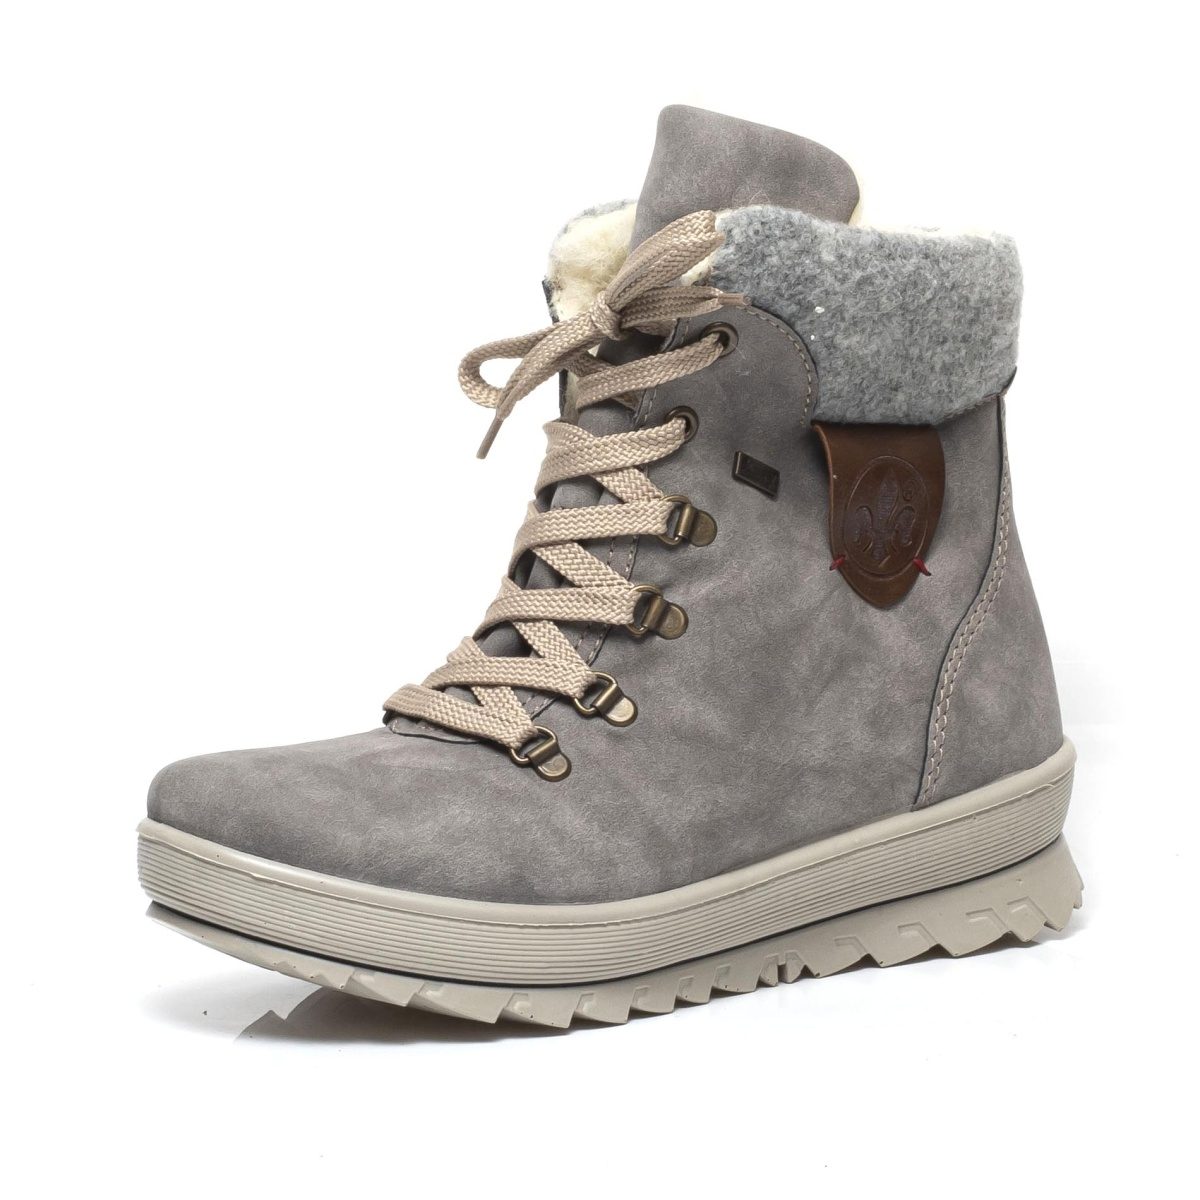 7fad864734 detail Dámska obuv RIEKER Y4331 40 GRAU KOMBI H W 8